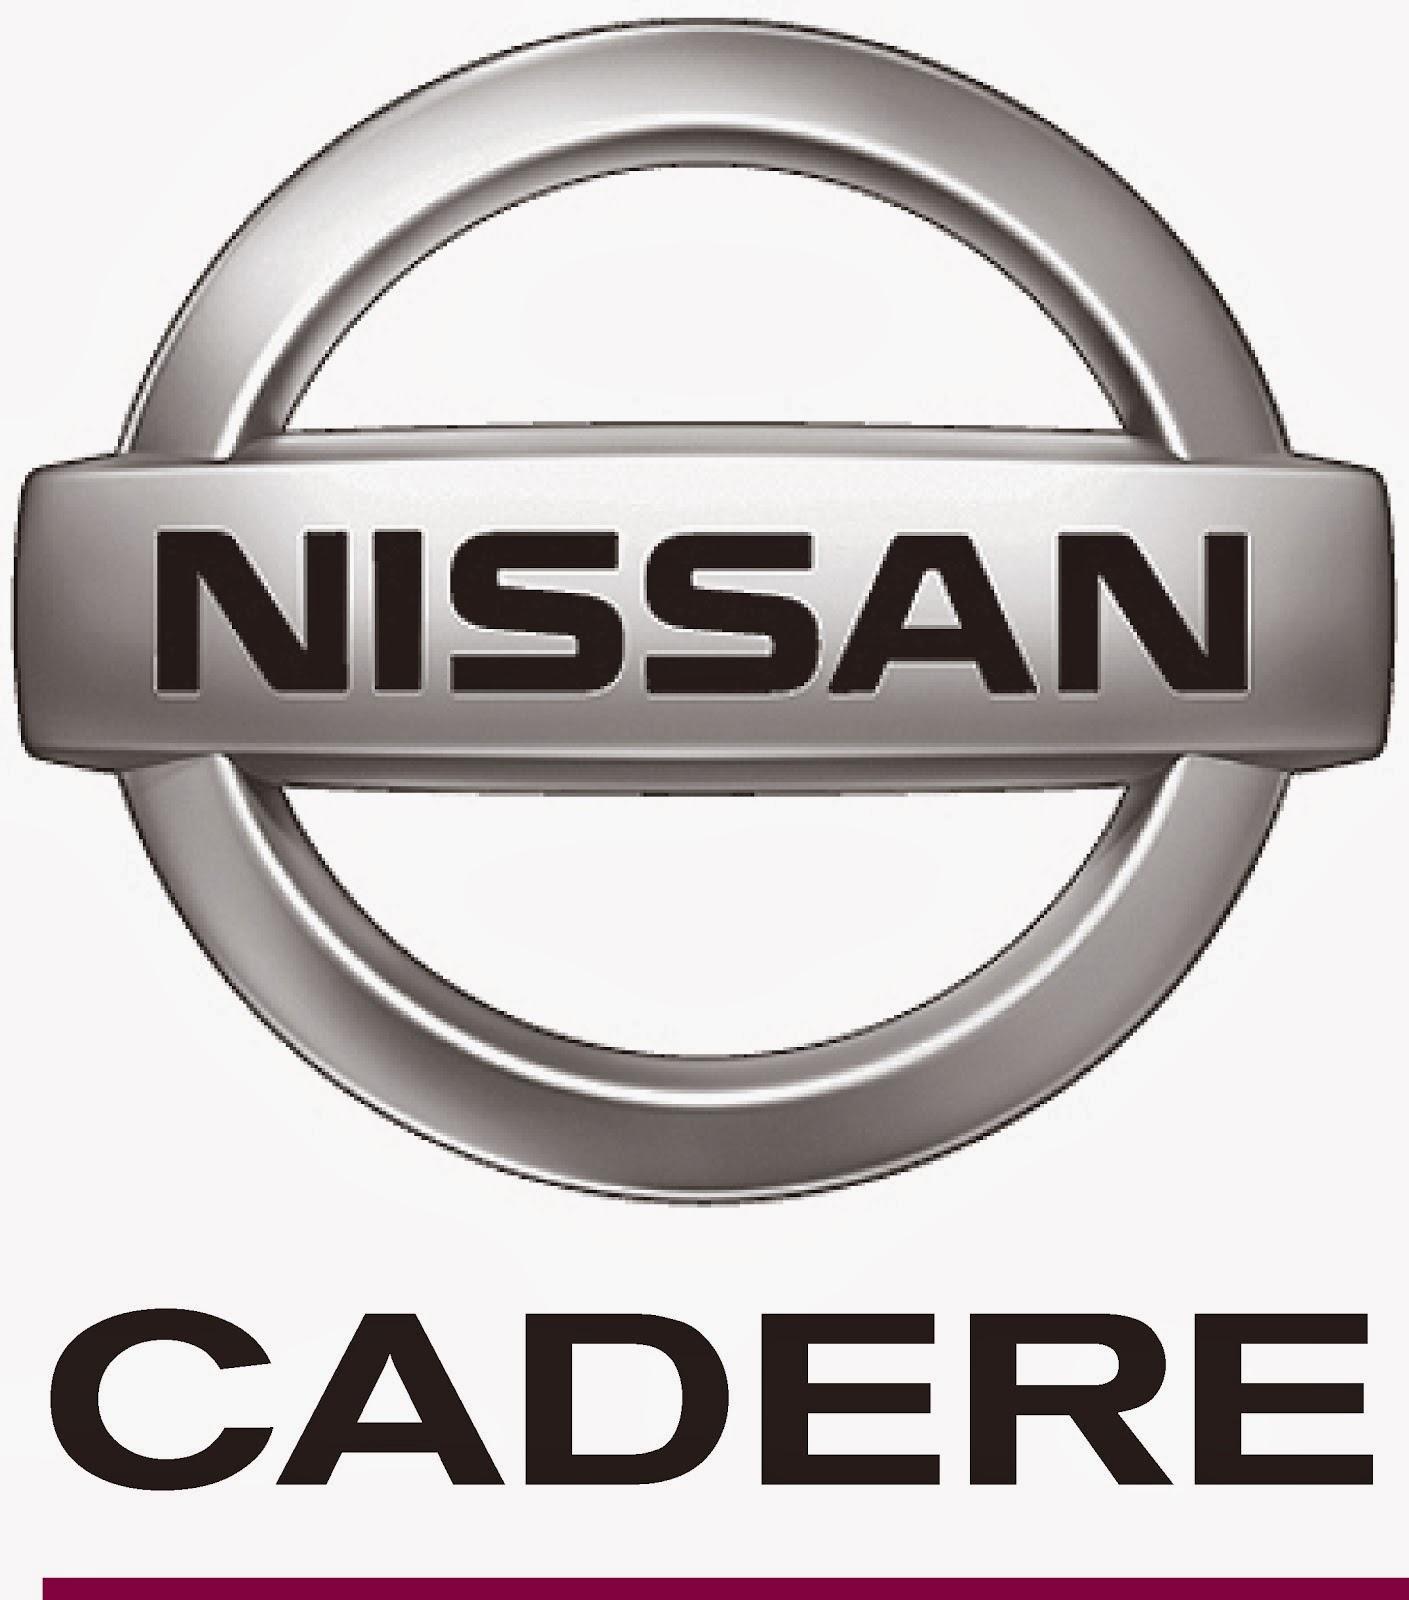 Nissan Cadere